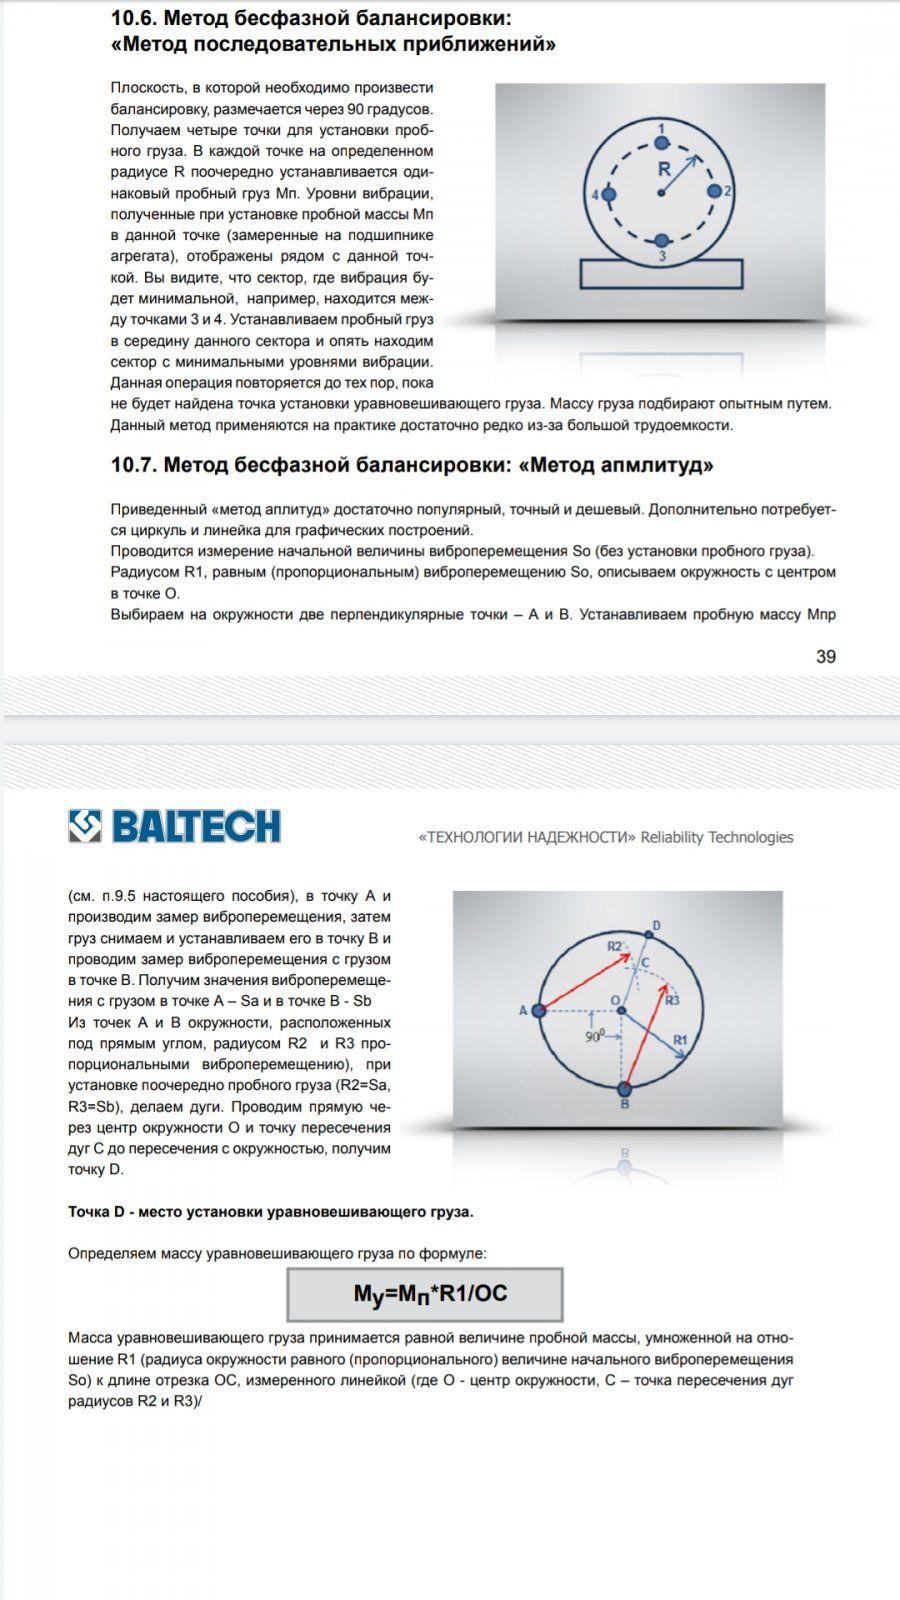 Screenshot_20210806-134236_Google PDF Viewer.jpg